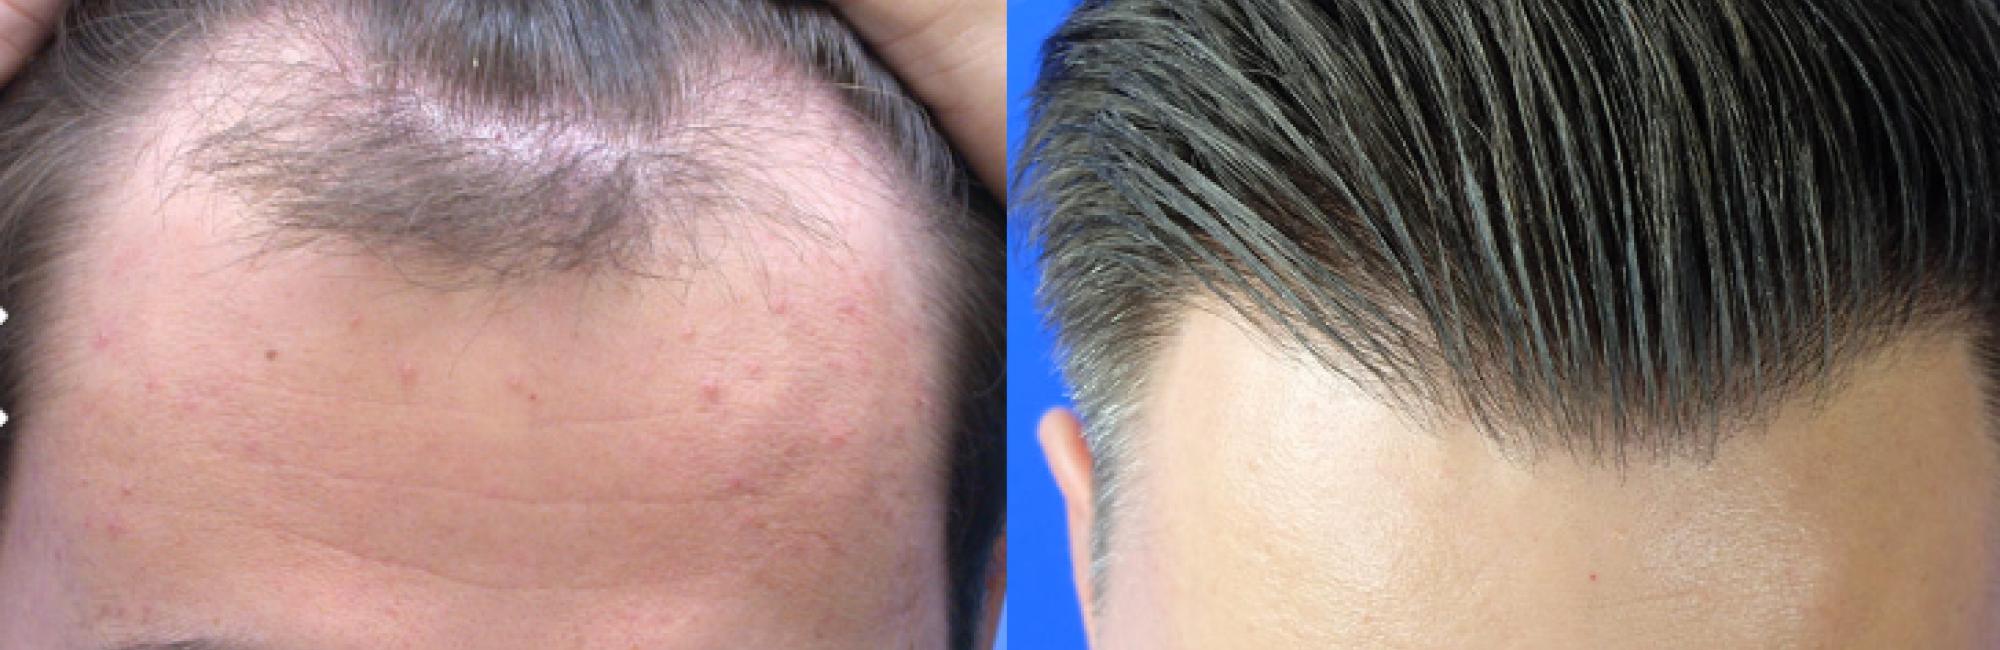 Saç ekimi işleminden istenilen sonucun alınması, saç ekimi yapan ekibin tecrübeli oluşudur.,